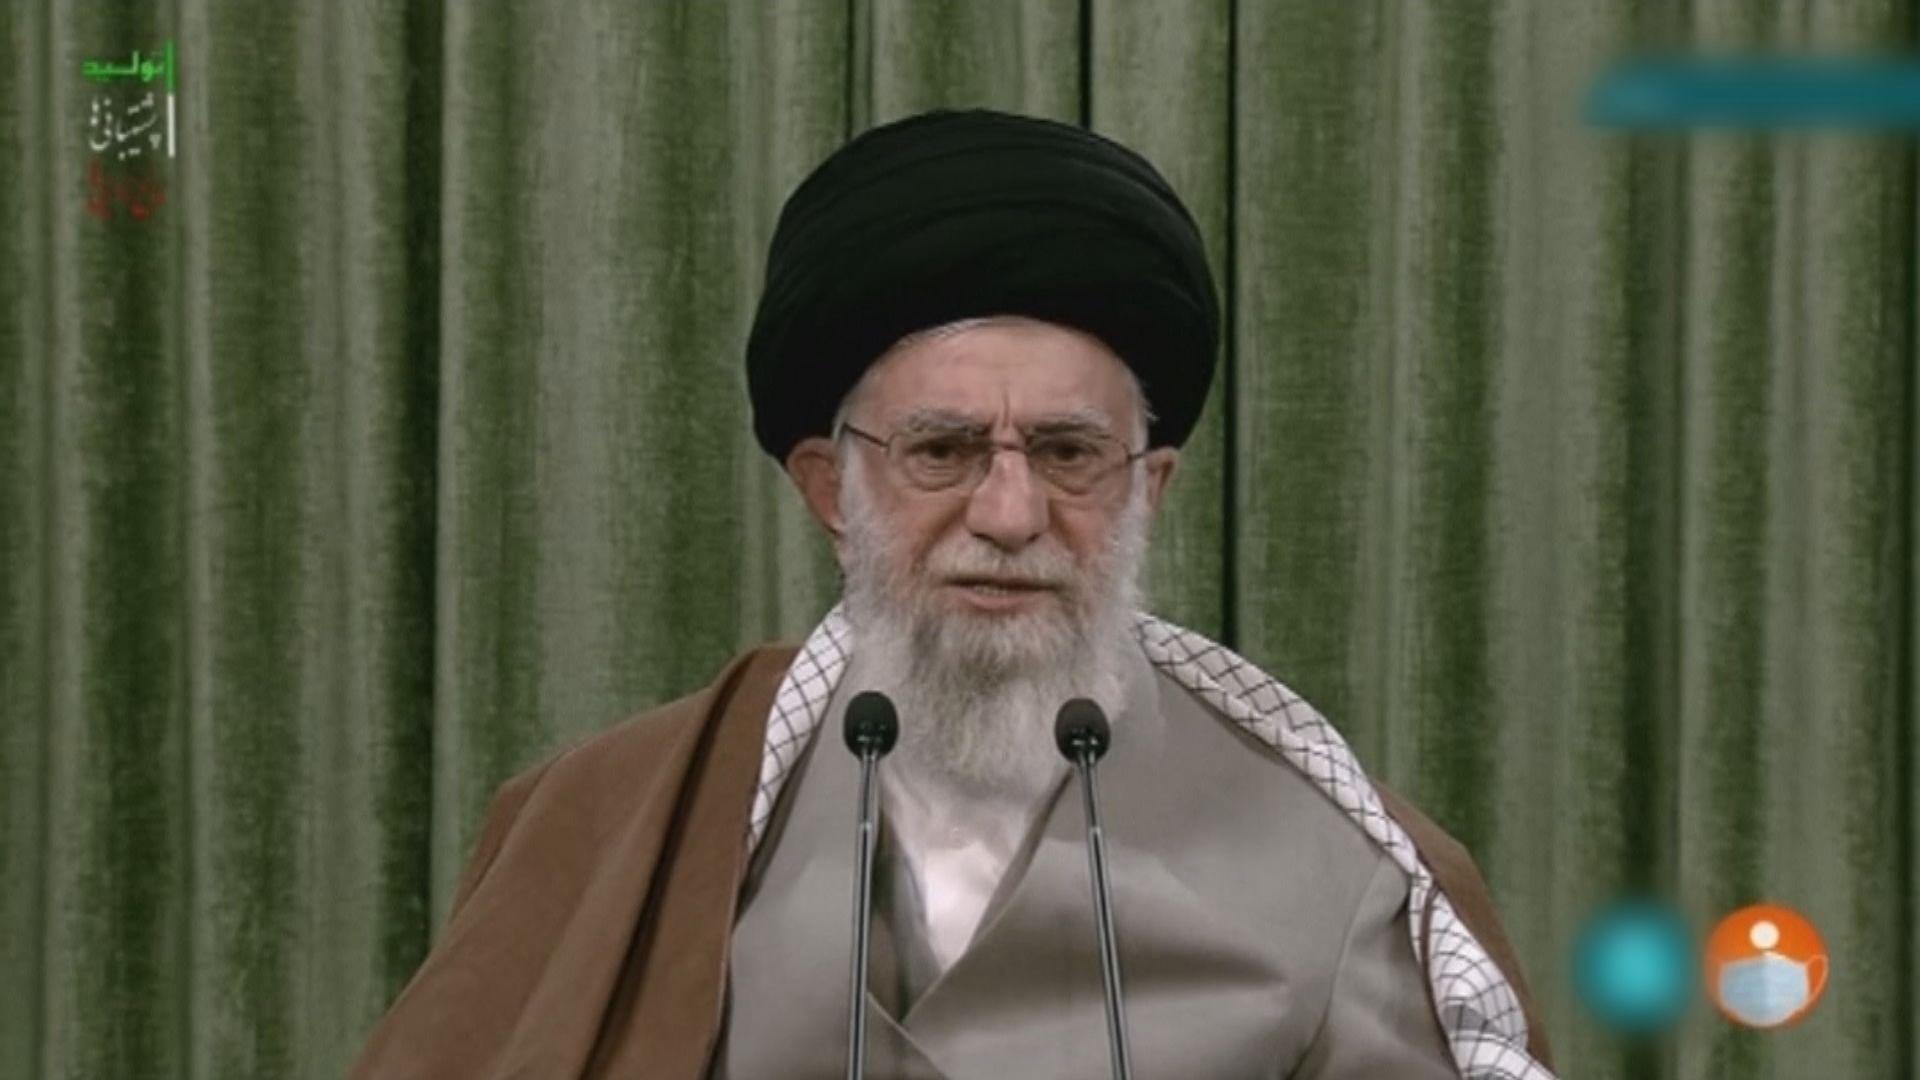 哈梅內伊重申美國須先撤銷對伊朗制裁才遵守核協議條款